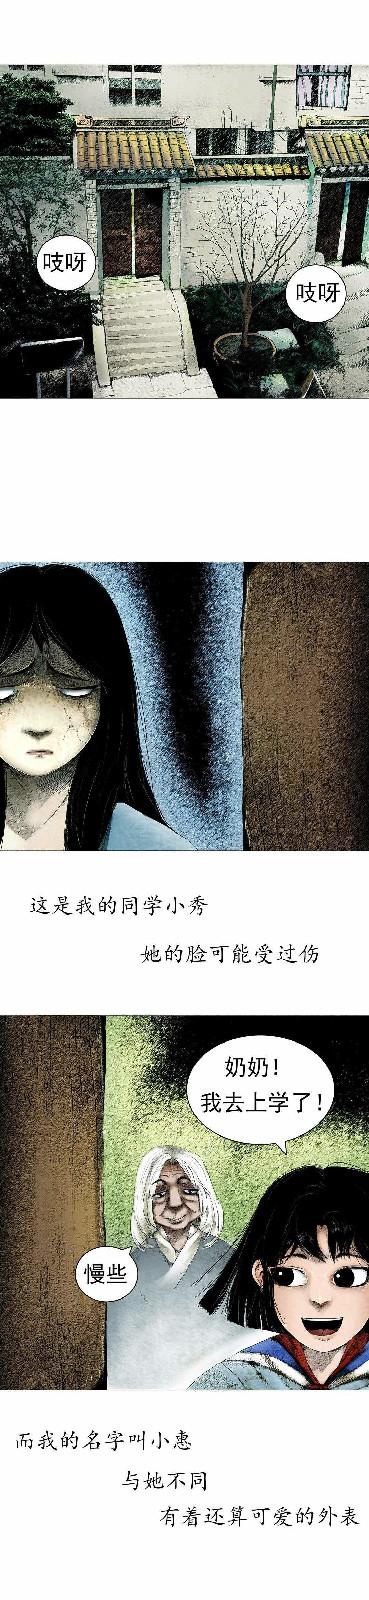 【蜗牛娱乐】恐怖漫画《丑陋的妖精》 妖精与人类做朋友获重生